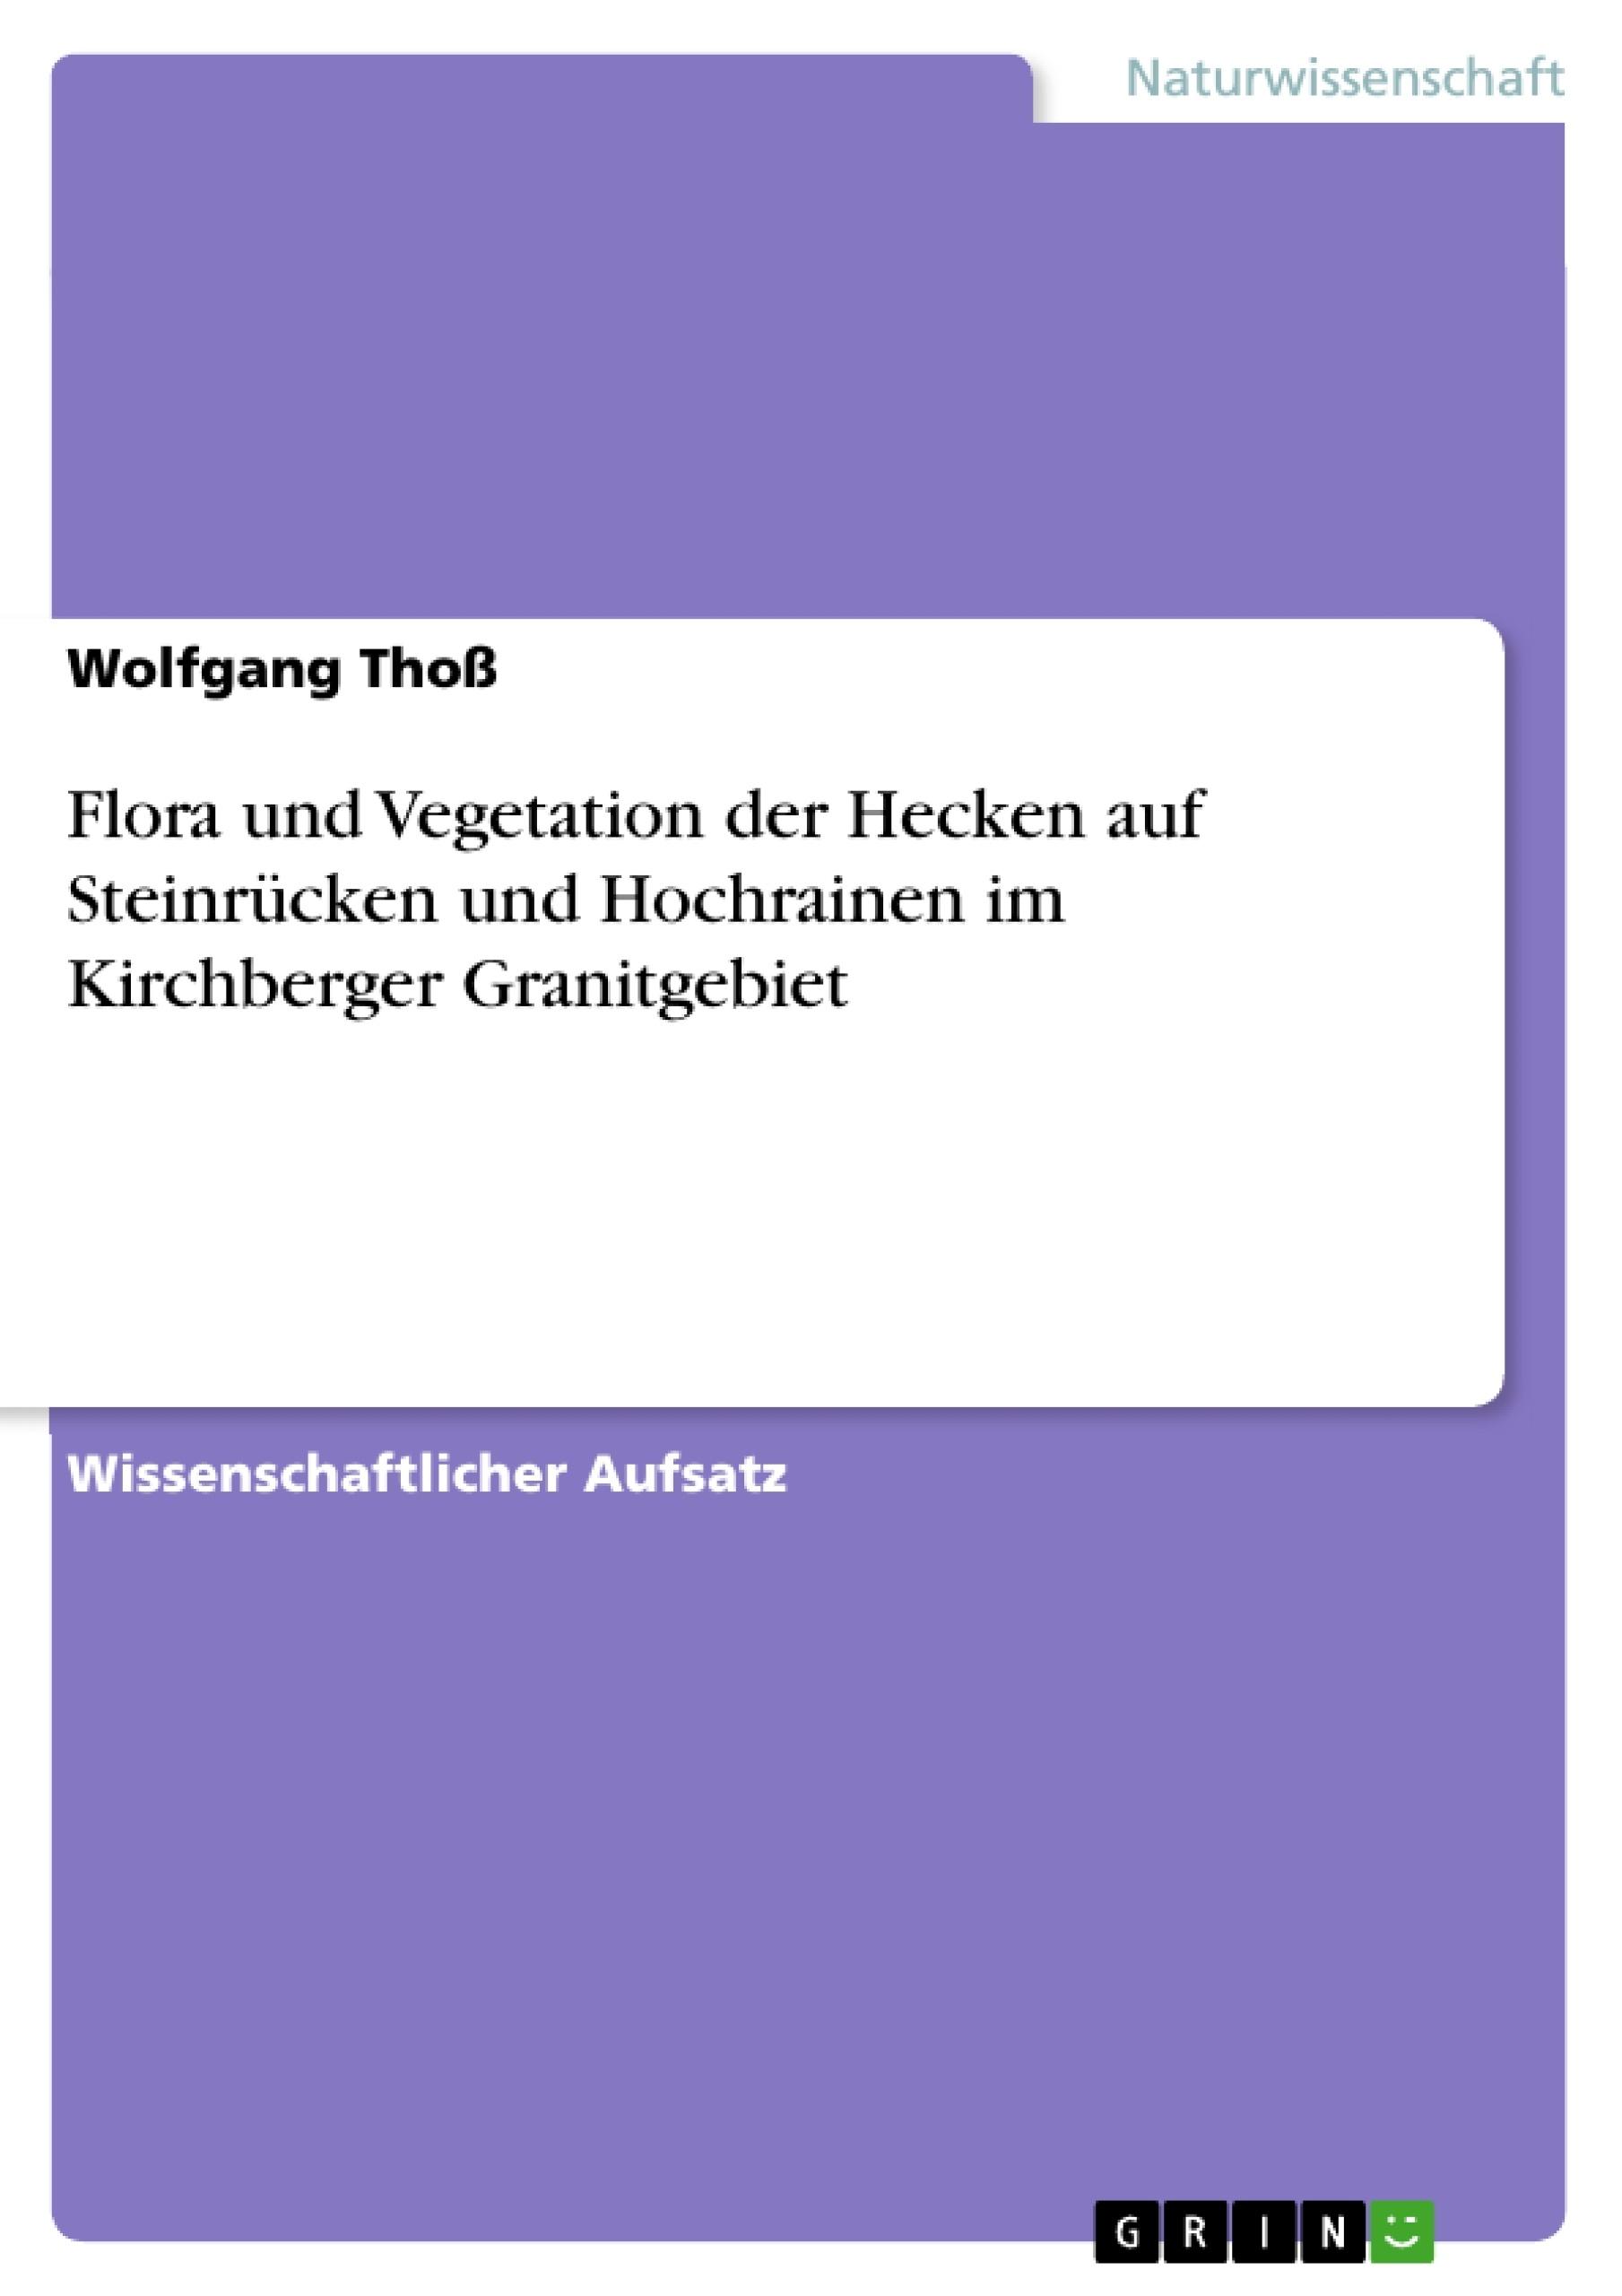 Titel: Flora und Vegetation der Hecken auf Steinrücken und Hochrainen im Kirchberger Granitgebiet